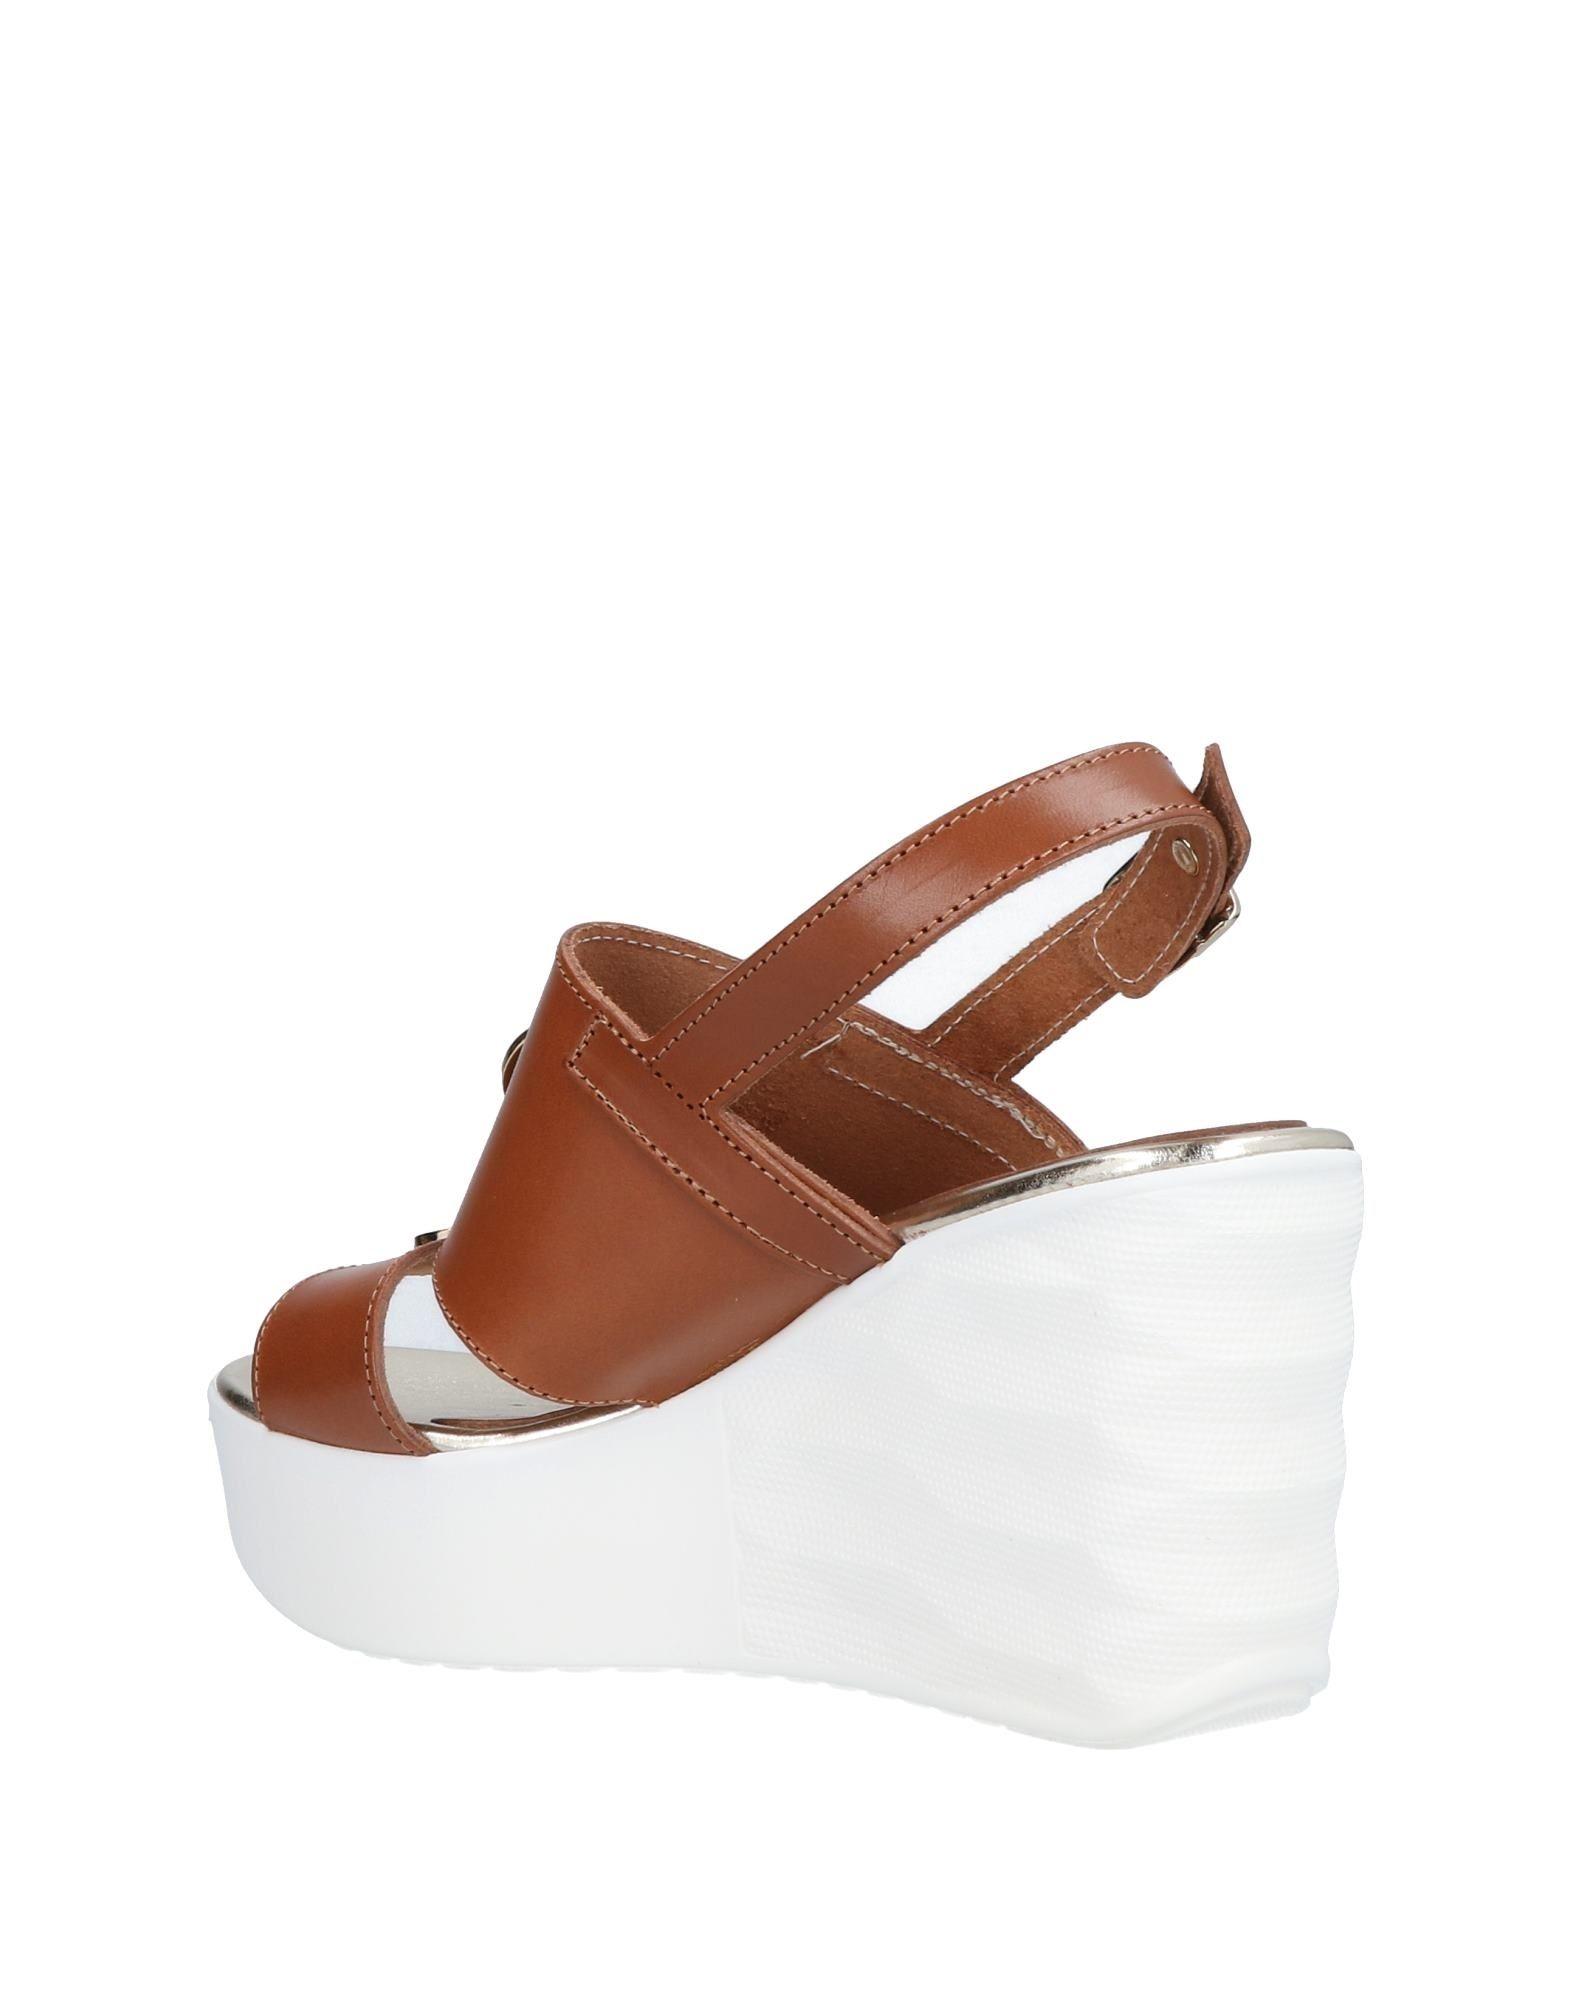 Moda Sandali Sara Donna - 11460796GN